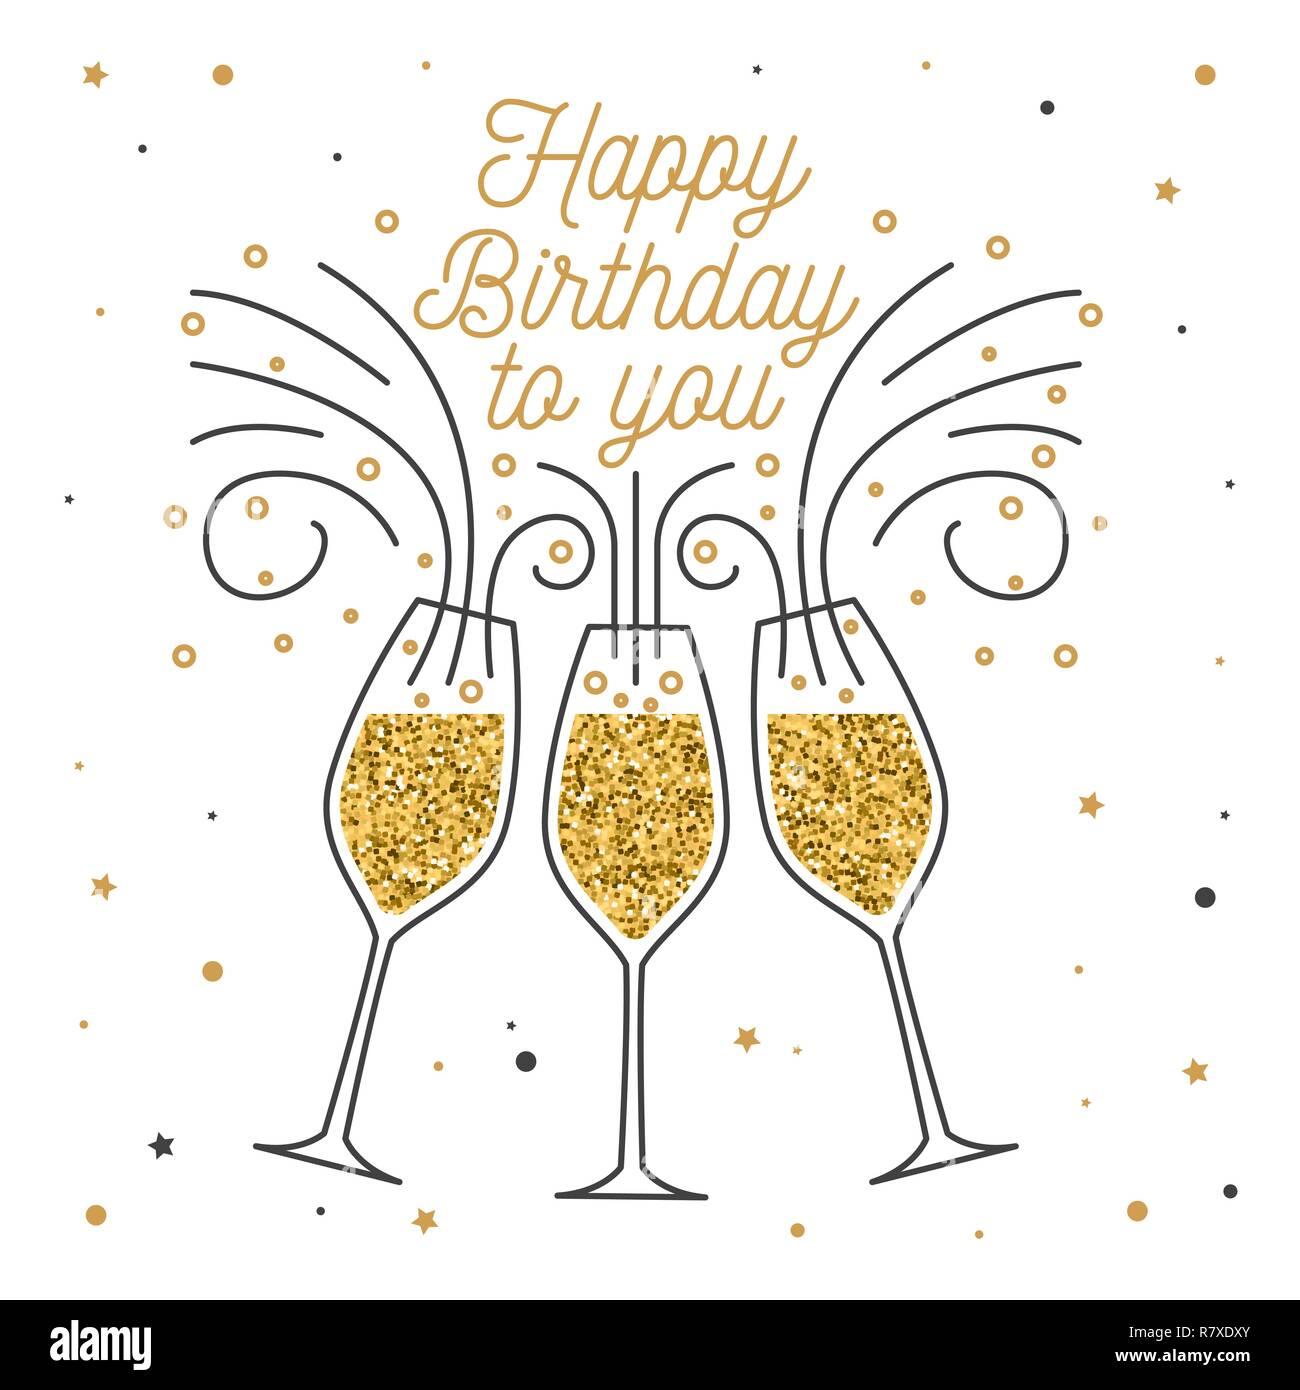 Encore un anniversaire qui passe, qui pash, qui pashmina... Joyeux-anniversaire-a-vous-stamp-badge-autocollant-carte-avec-verres-de-champagne-vector-illustration-vintage-design-typographique-pour-des-invitations-embleme-de-lanniversaire-dans-le-style-retro-r7xdxy